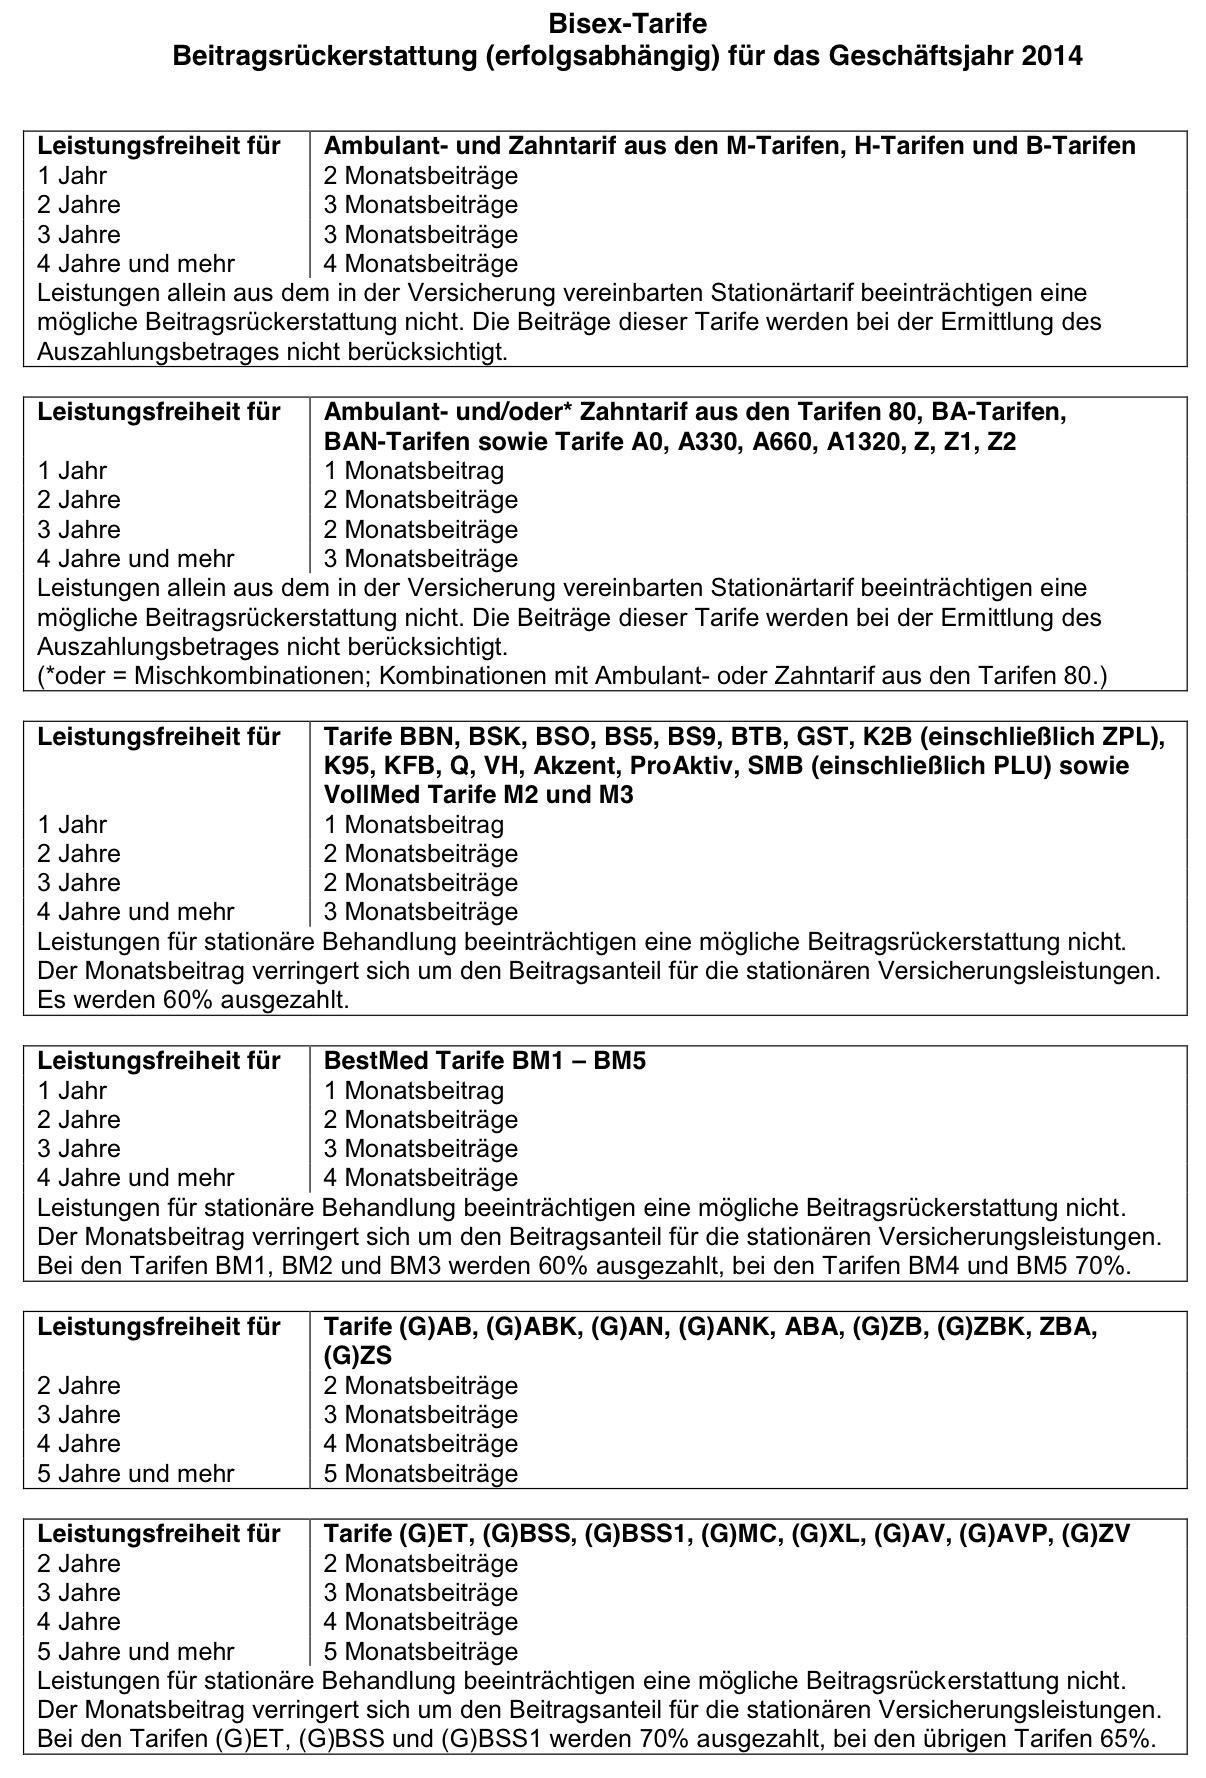 DKV Beitragsrückerstattung DKV 2014 Bisex